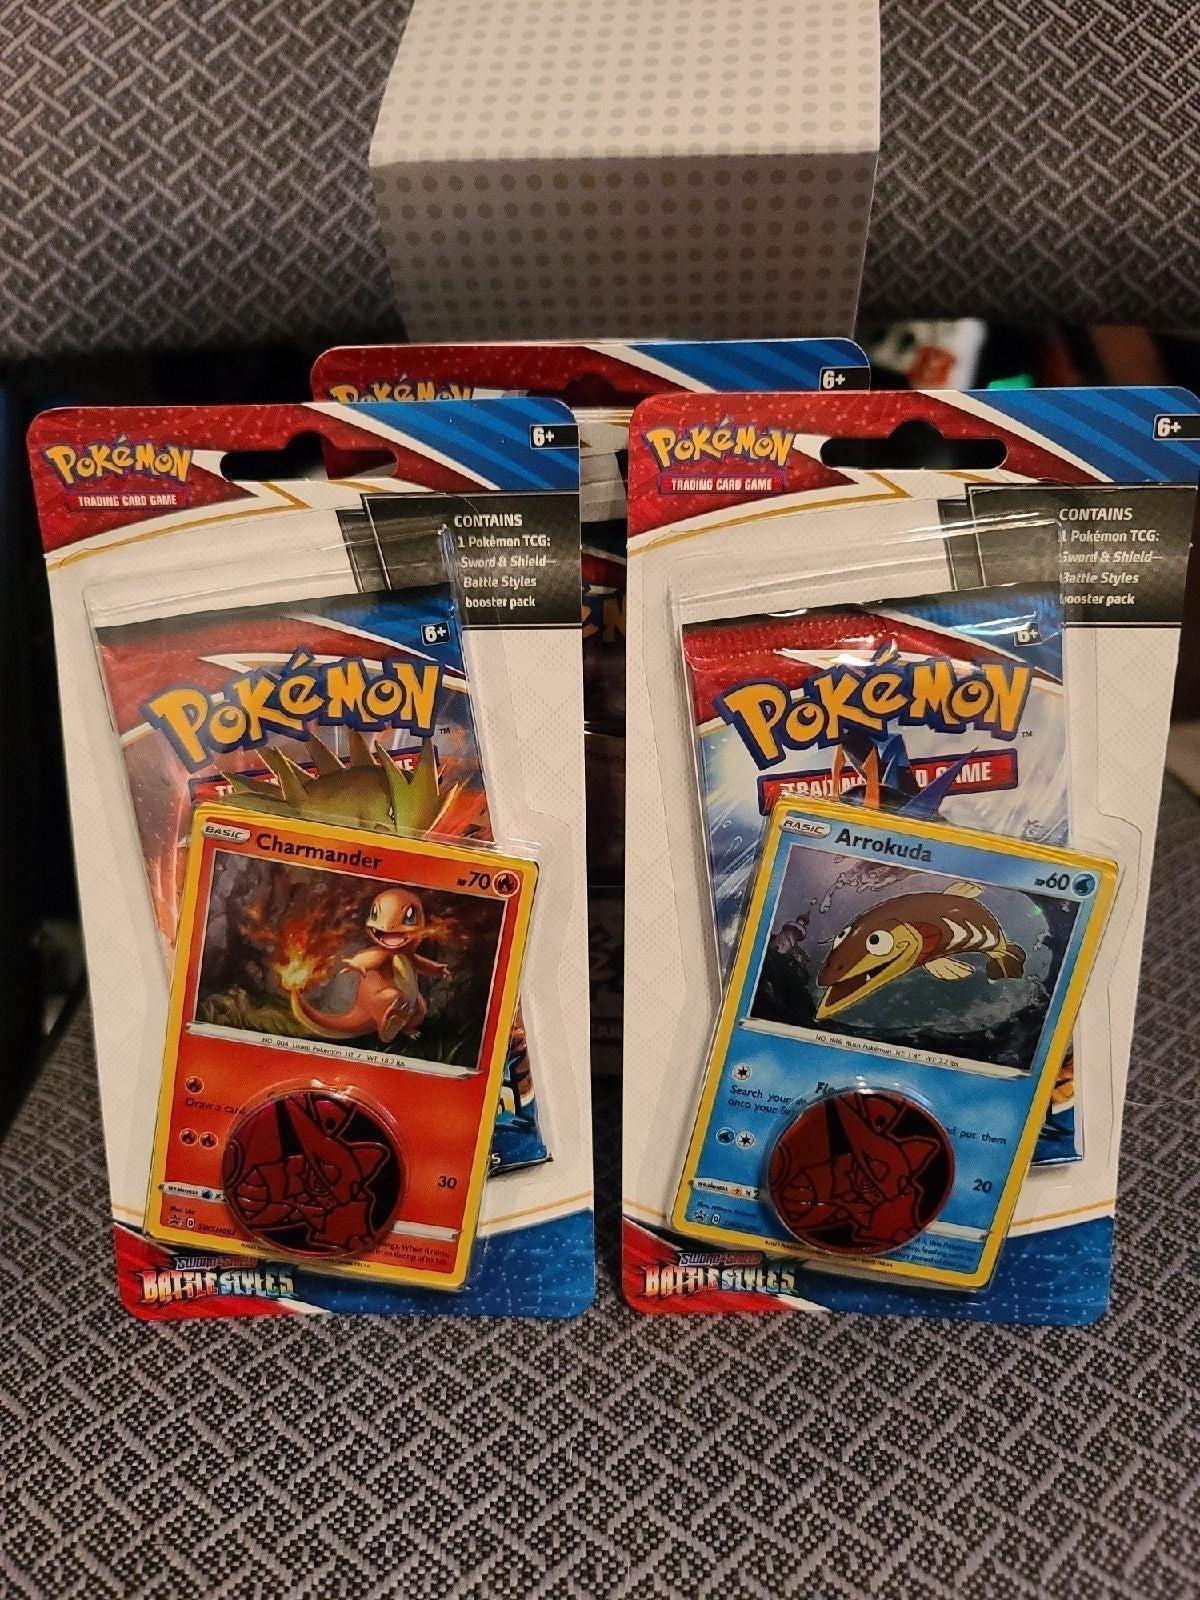 12 Pokémon Battle Styles Blister Packs